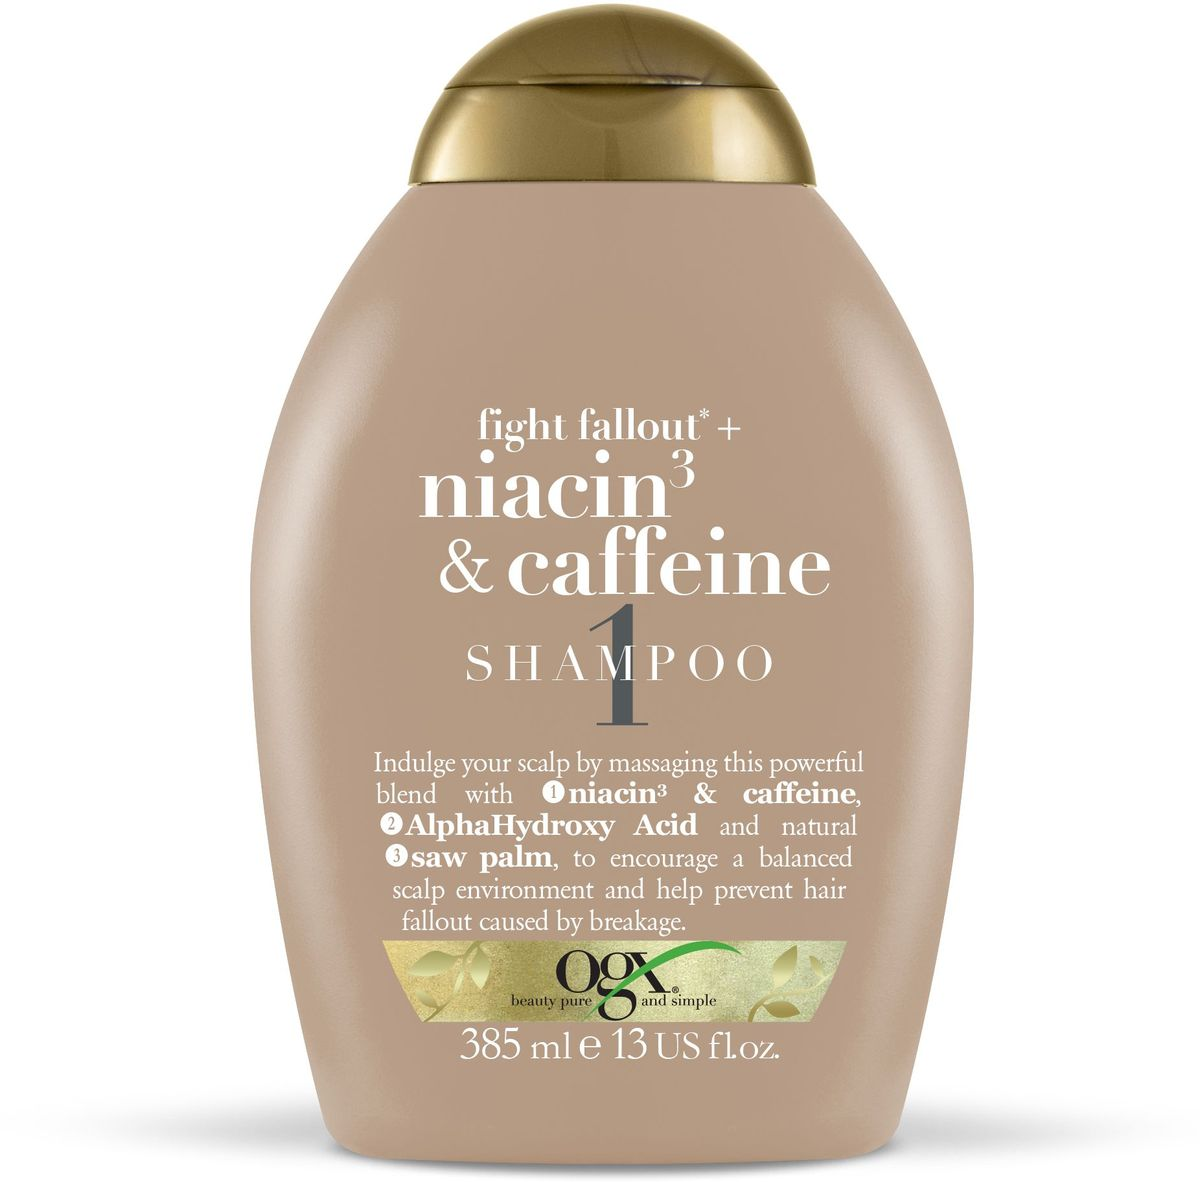 OGX Шампунь против выпадения волос с ниацином 3 и кофеином, 385 мл.97761Шампунь против выпадения волос с ниацином 3 и кофеином помогает поддерживать кожу голову в здоровом состоянии, стимулирует волосяные фолликулы и предотвращает выпадение и ломкость волос.